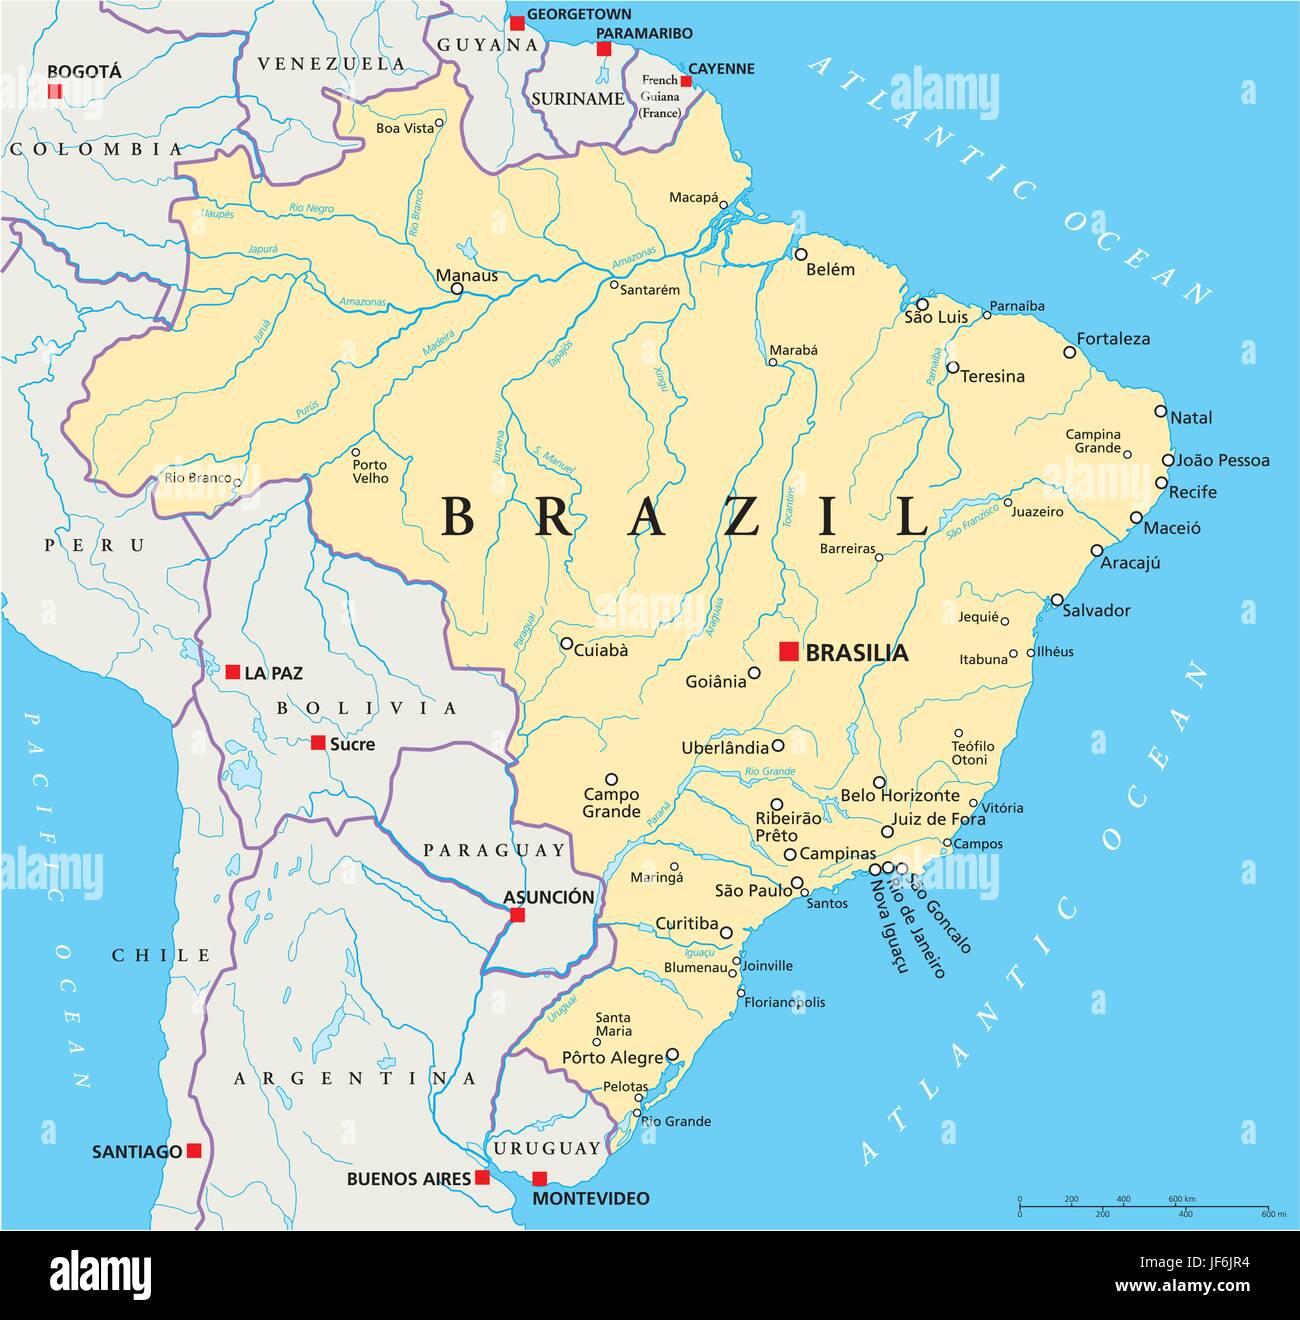 Brazil Political Map Stock Vector Art Illustration Vector Image - Brazil political map